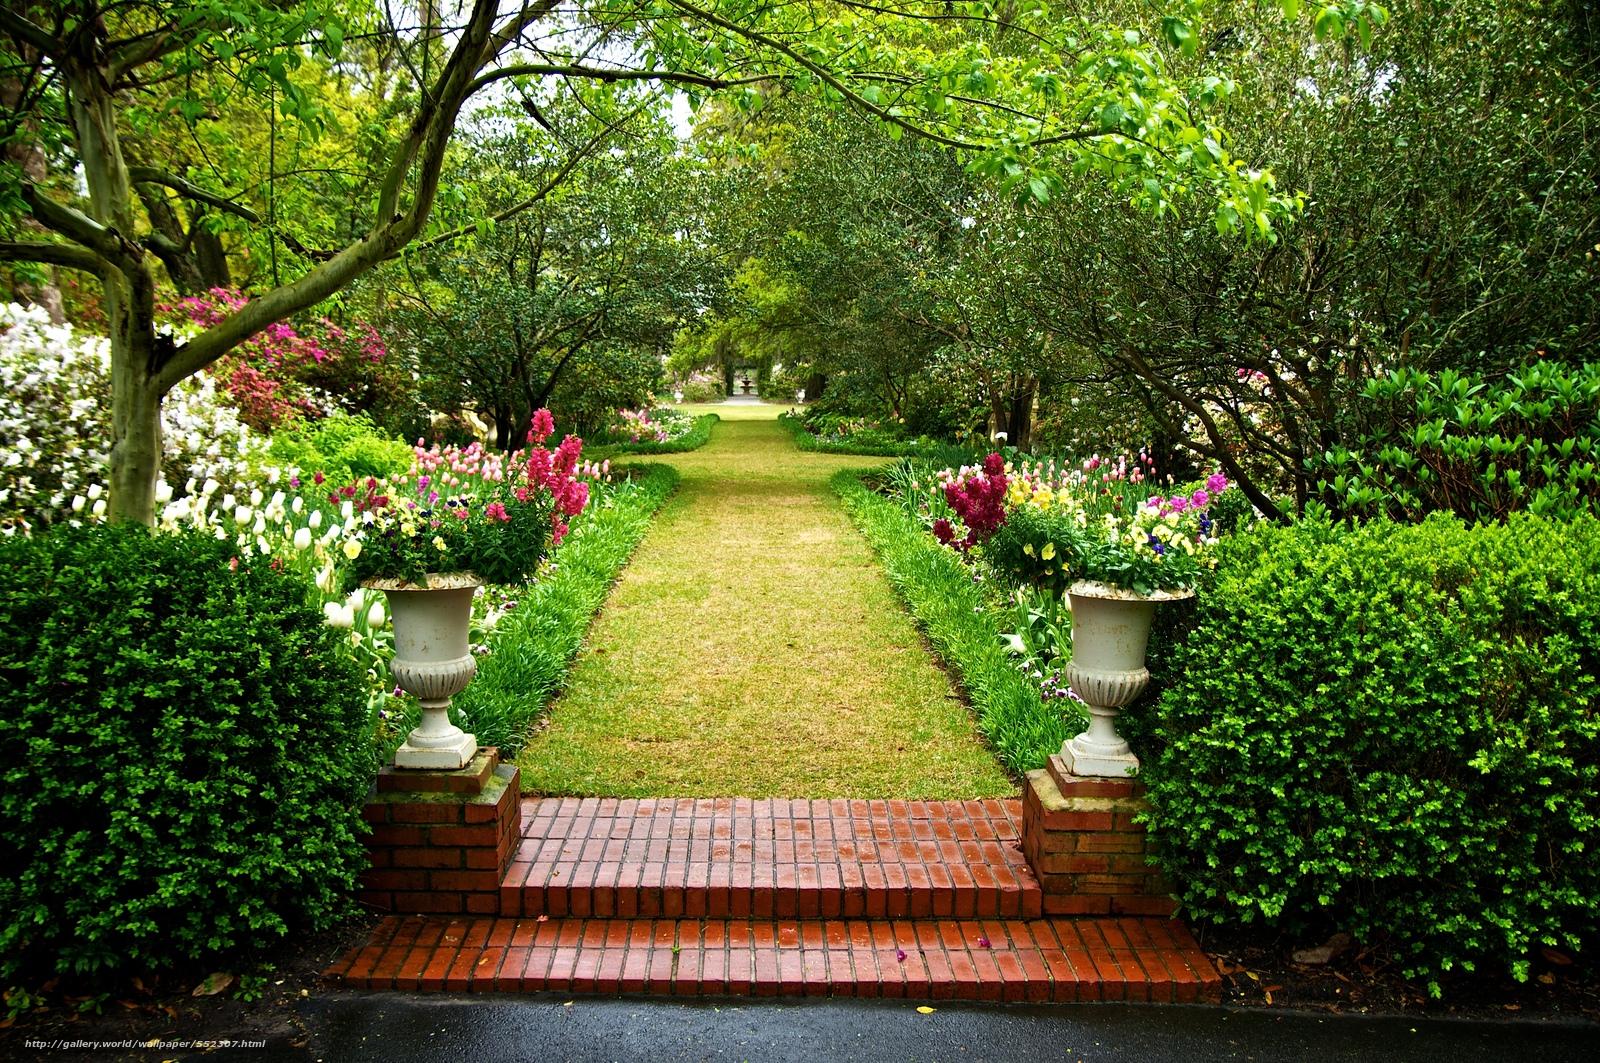 Descargar gratis jard n rboles flores paisaje fondos for Arboles de flores para jardin